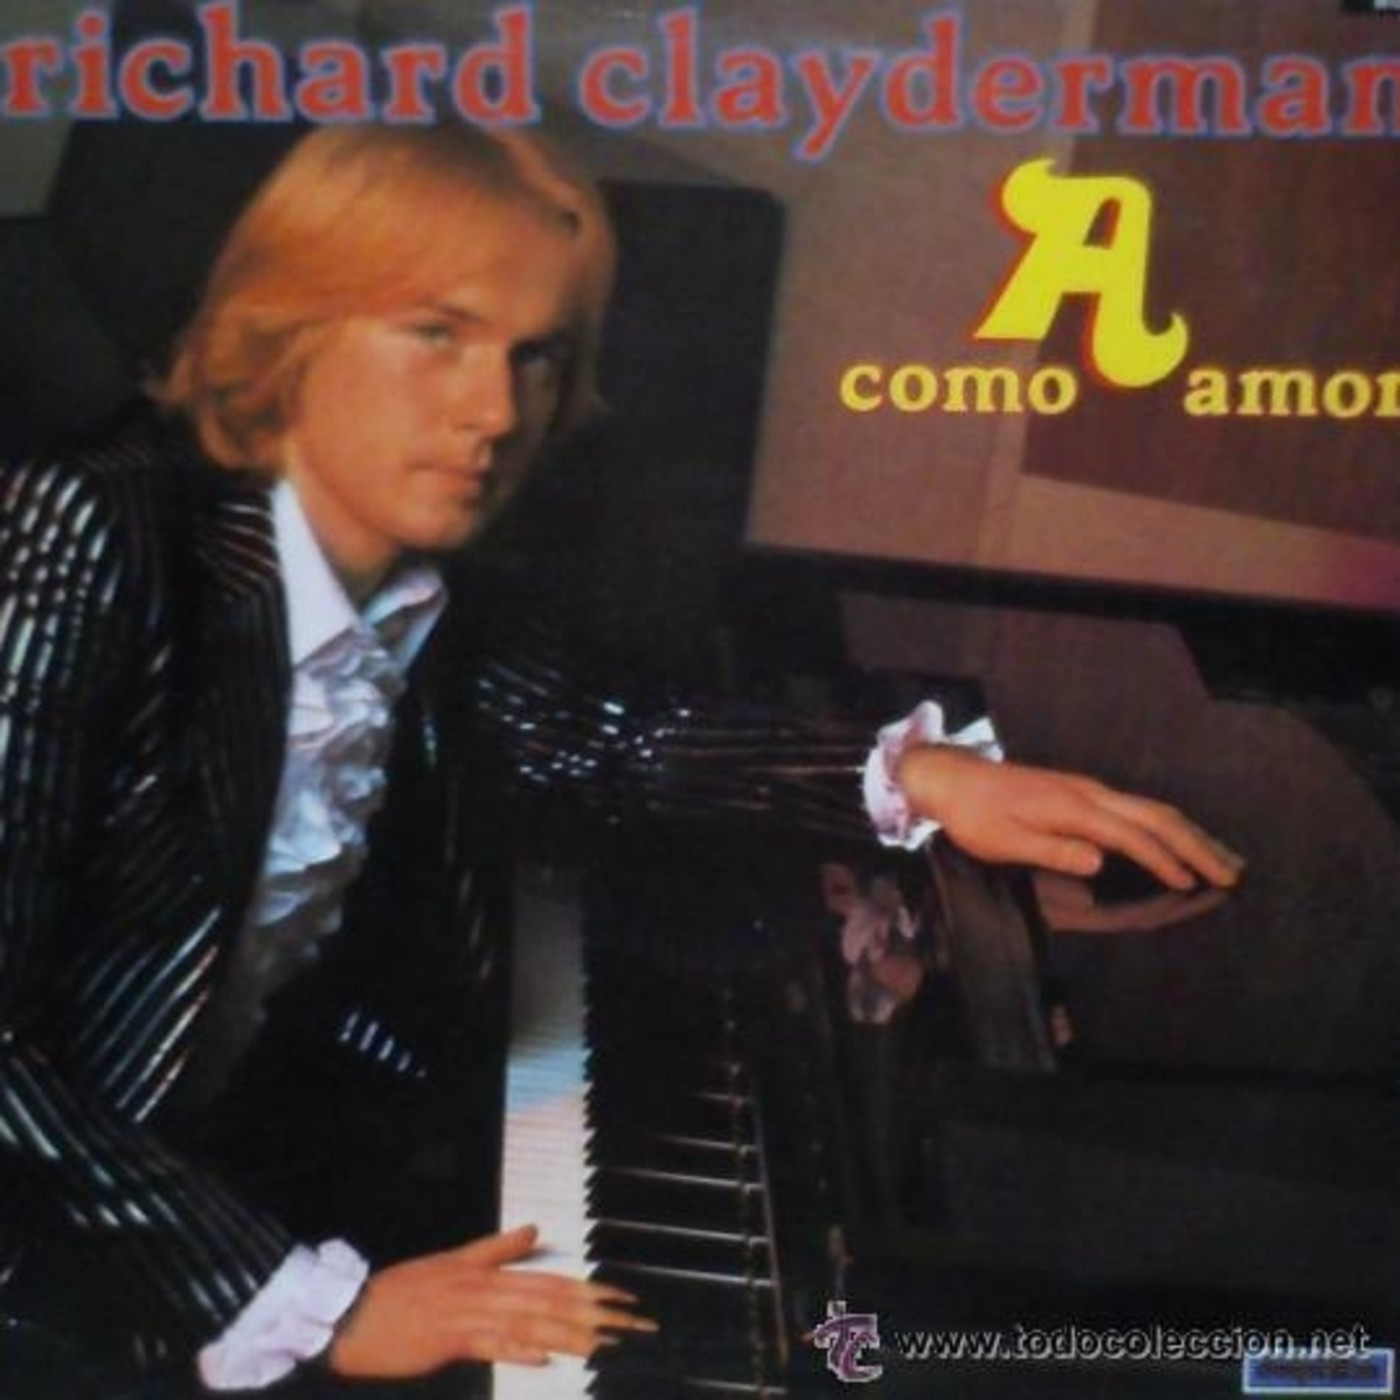 CD DOWNLOAD CLAYDERMAN GRATUITO RICHARD